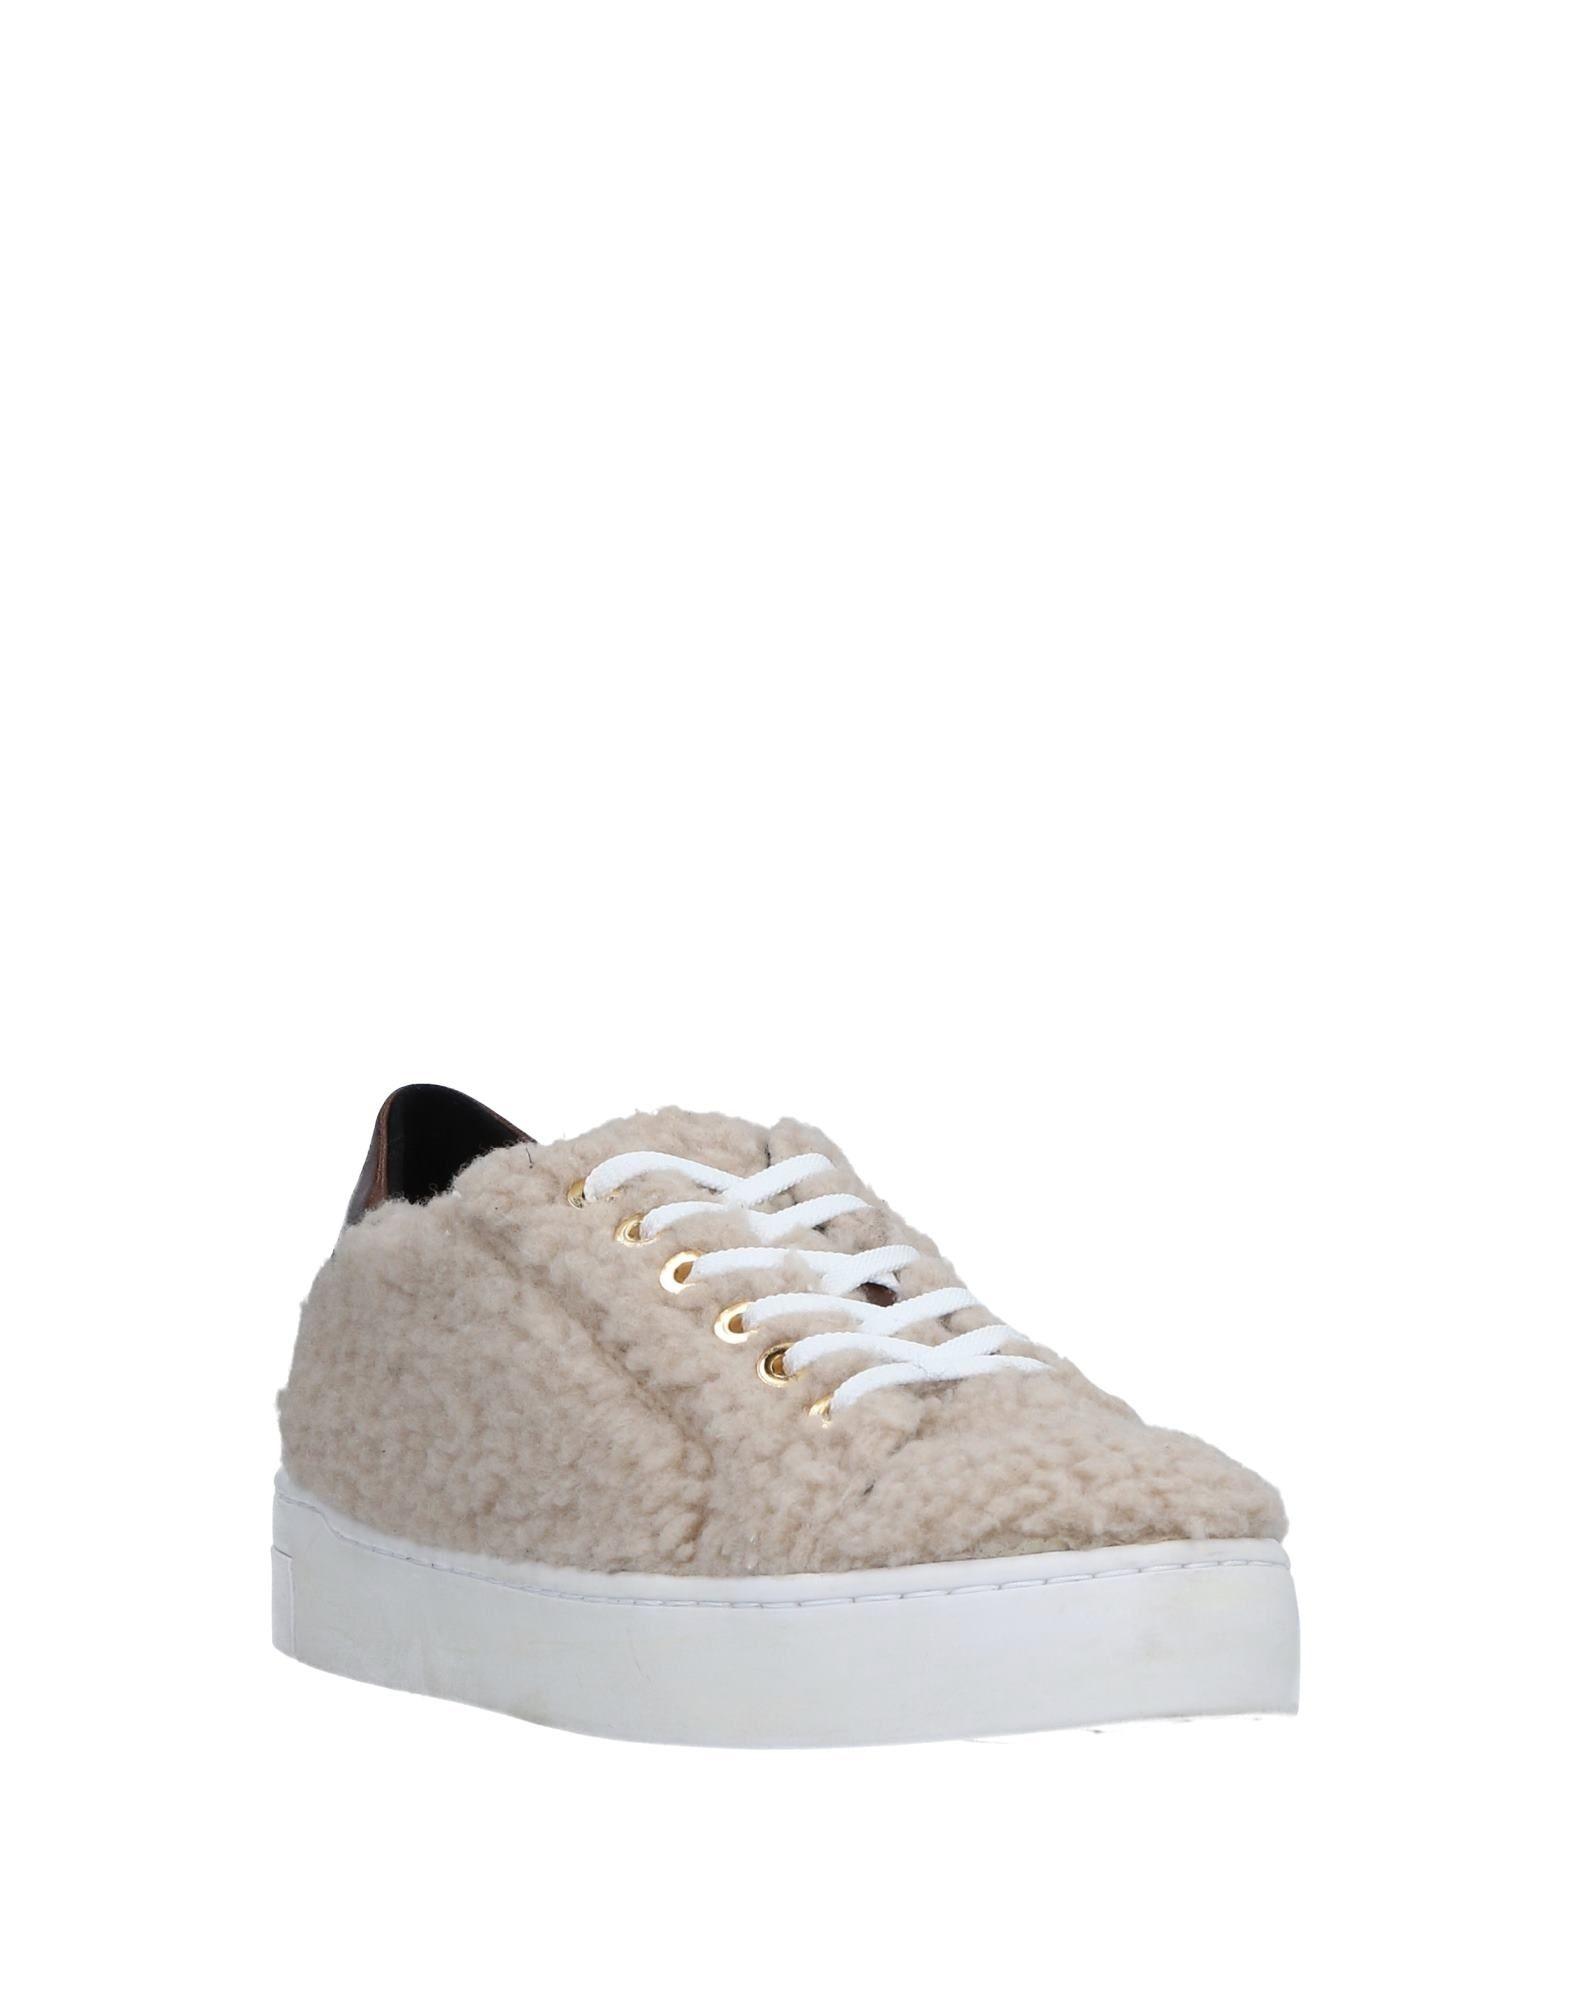 Stilvolle billige Schuhe Suecomma  Bonnie Sneakers Damen  Suecomma 11538856XU ef4263